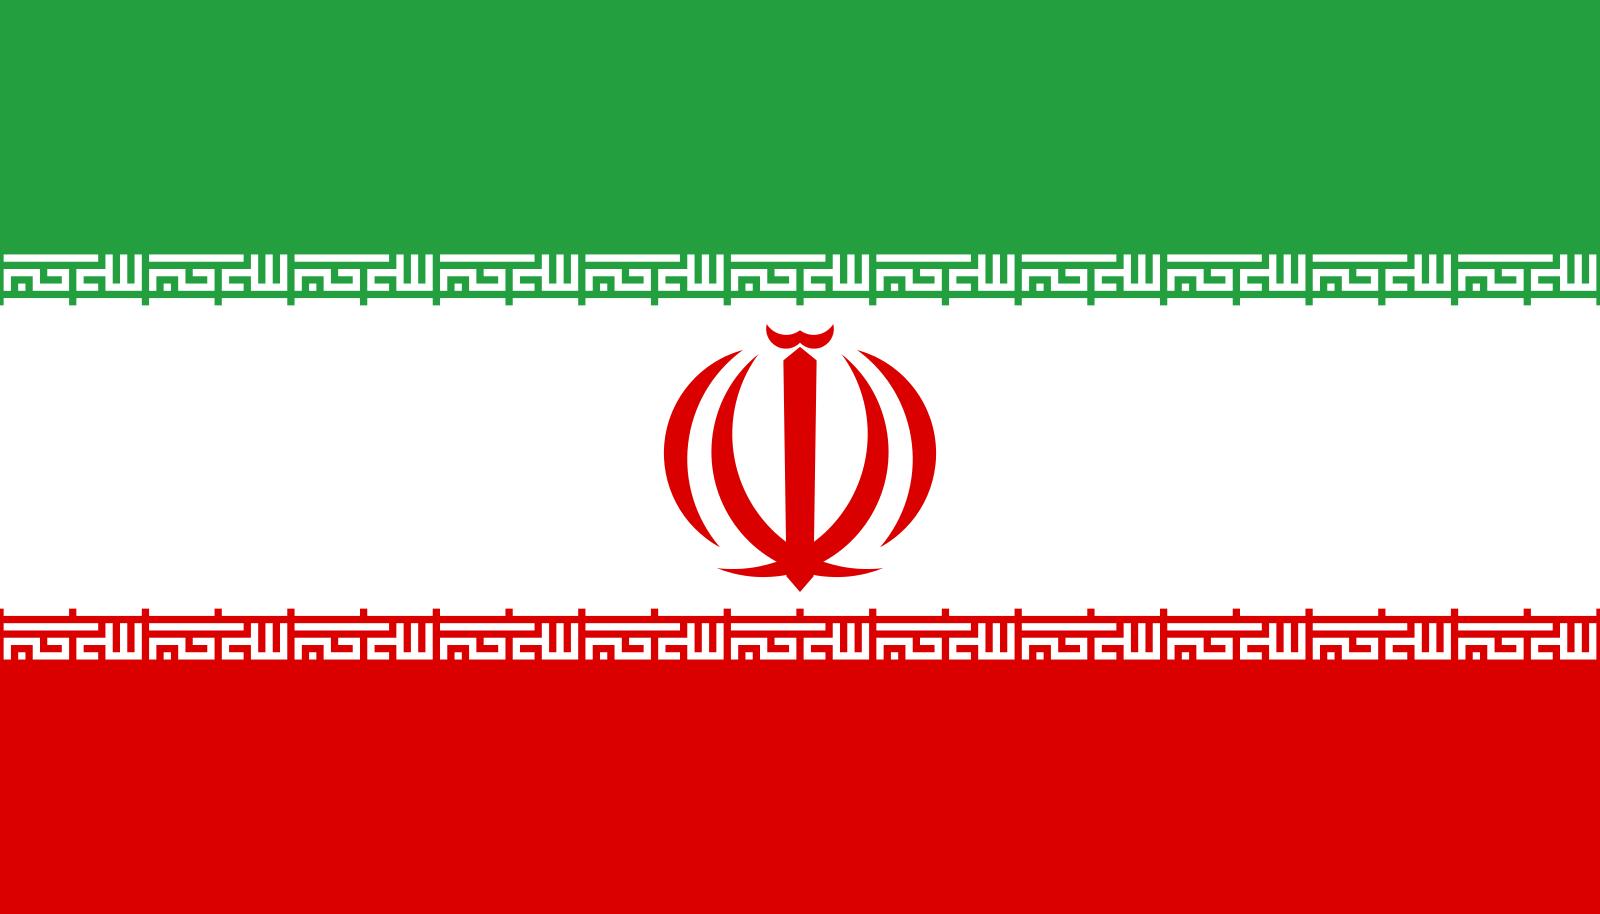 Посольство Республики Южная Осетия выразило соболезнования Посольству Исламской Республики Иран